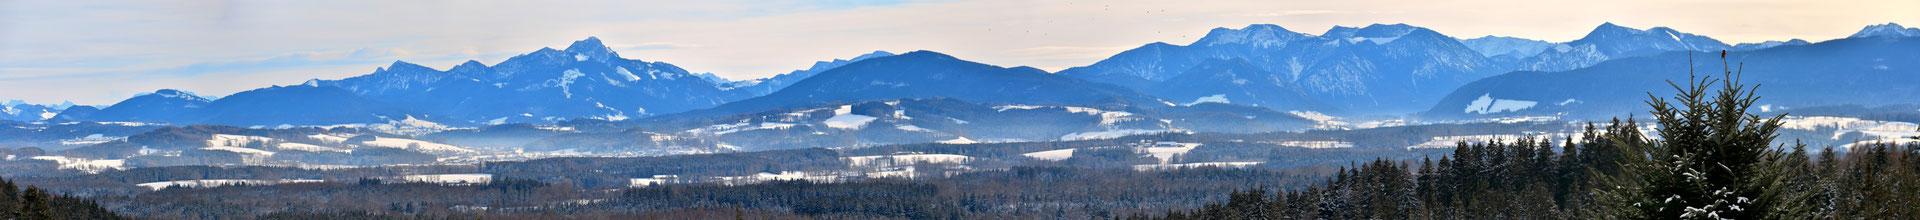 Panorama, Berge, Bergspitzen, Winter, Schnee, Rundumblick